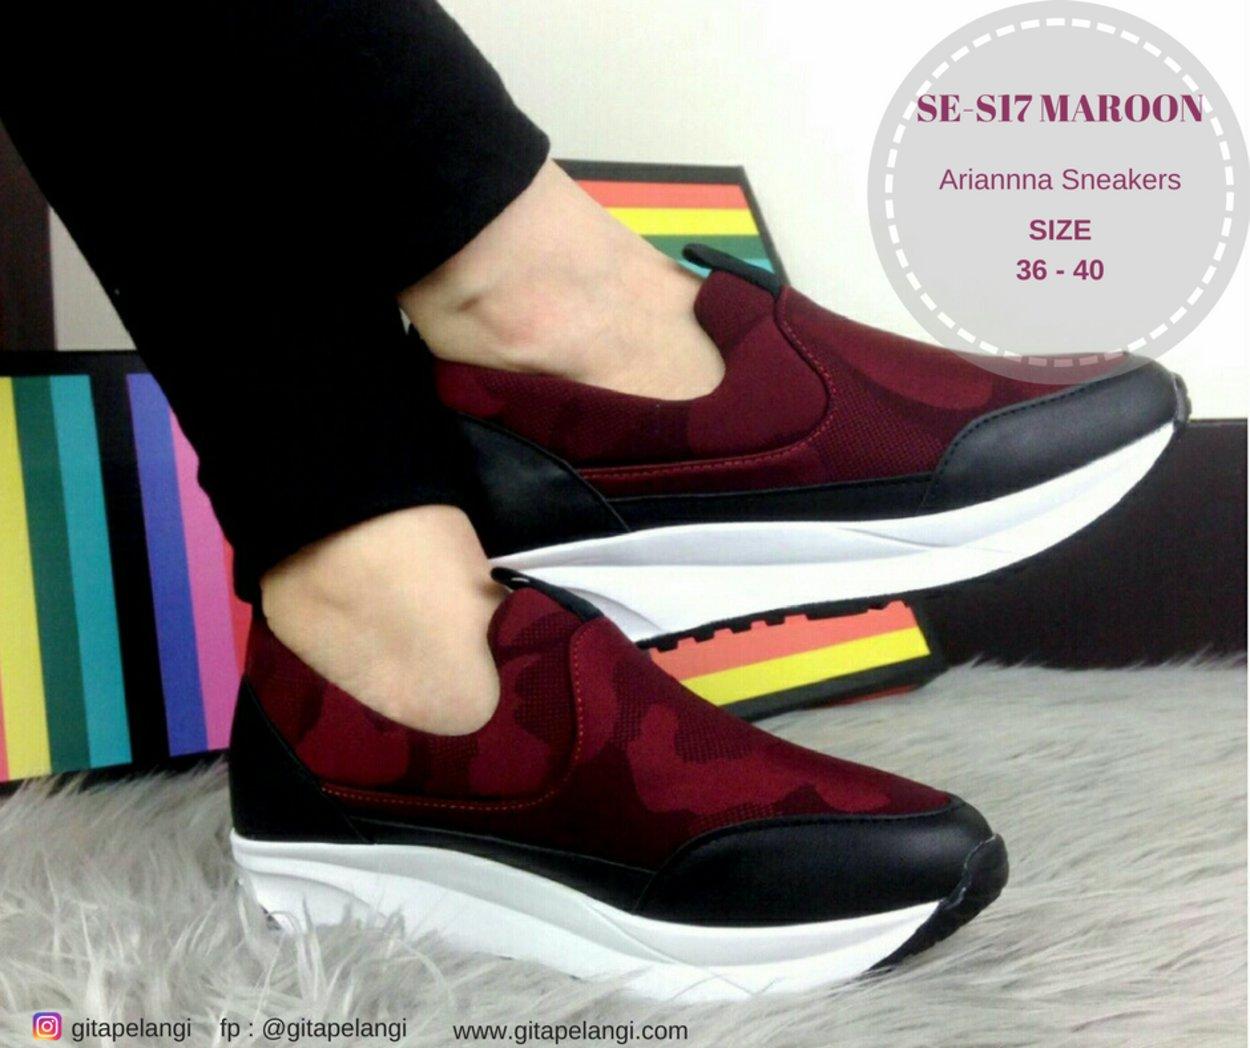 SE-S17MAROON